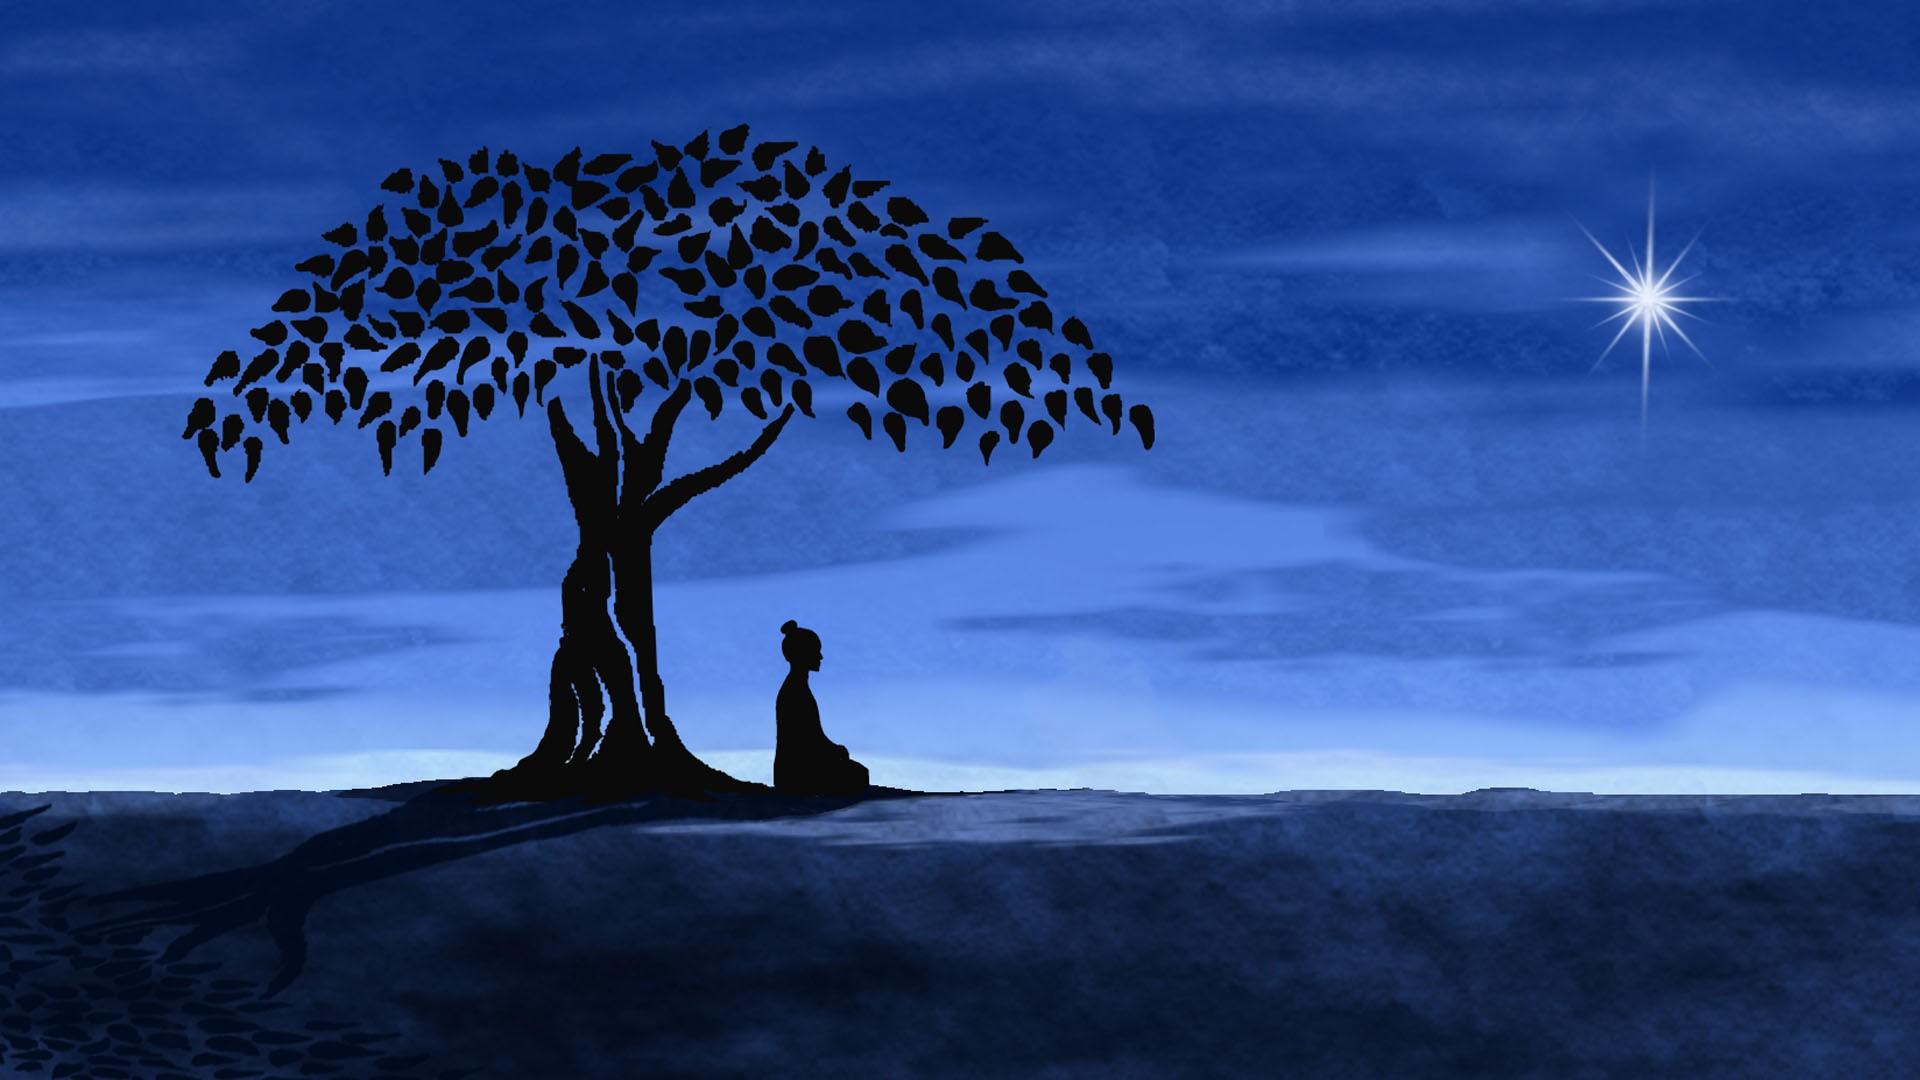 Hintergrundbilder 1920x1080 Px Kunstwerk Buddha Buddhismus